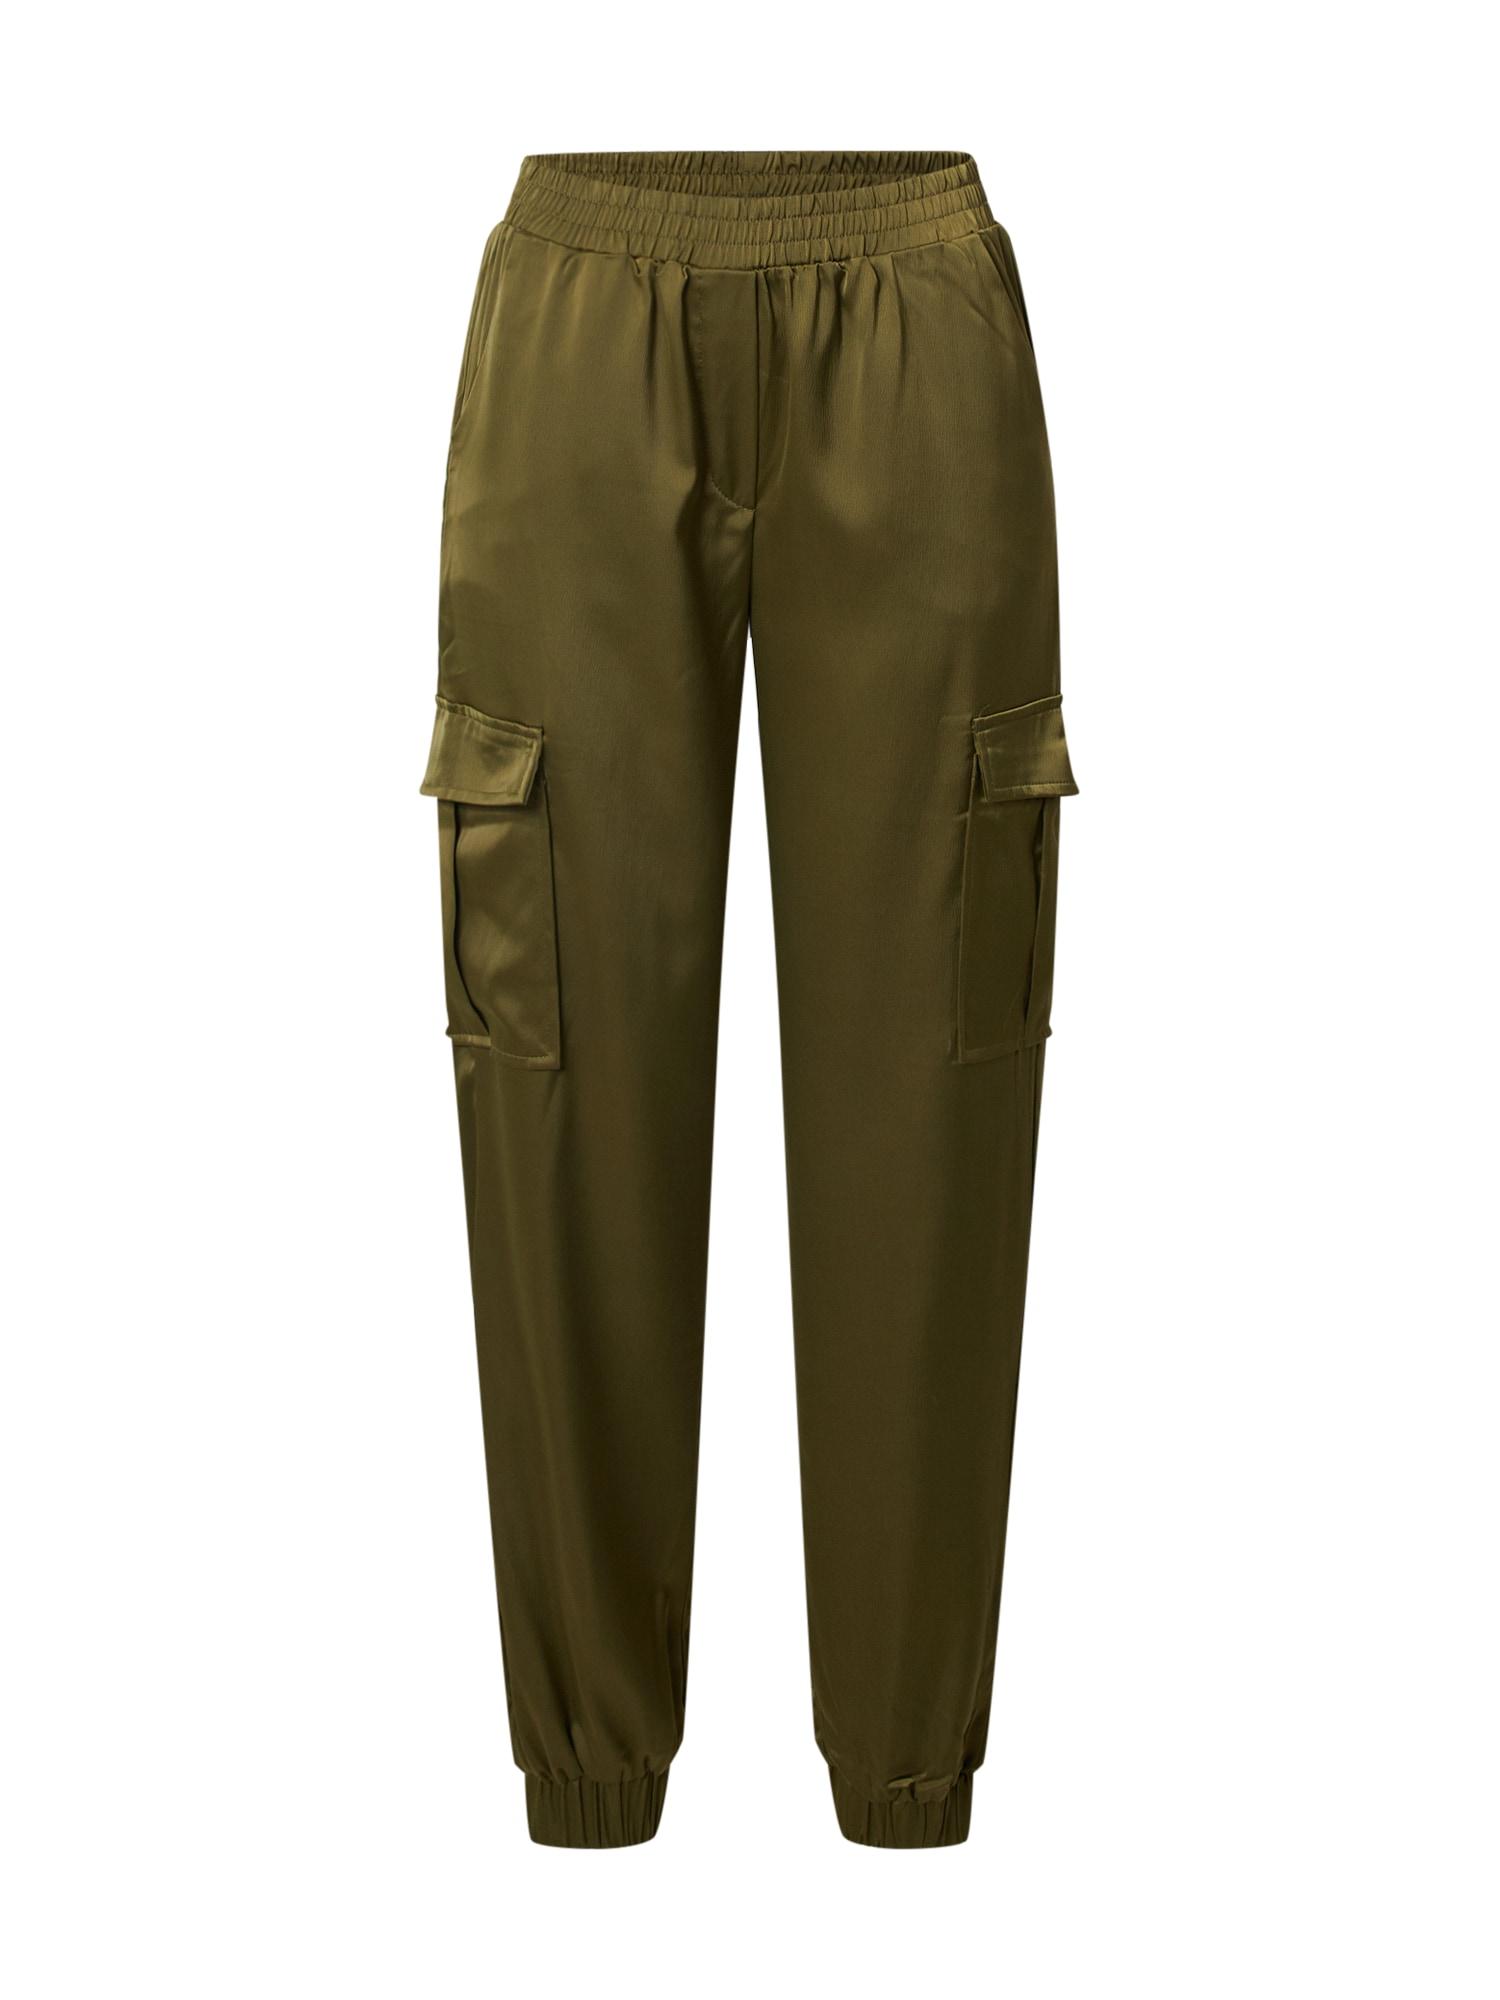 b.young Laisvo stiliaus kelnės 'DXJUNOL' rusvai žalia